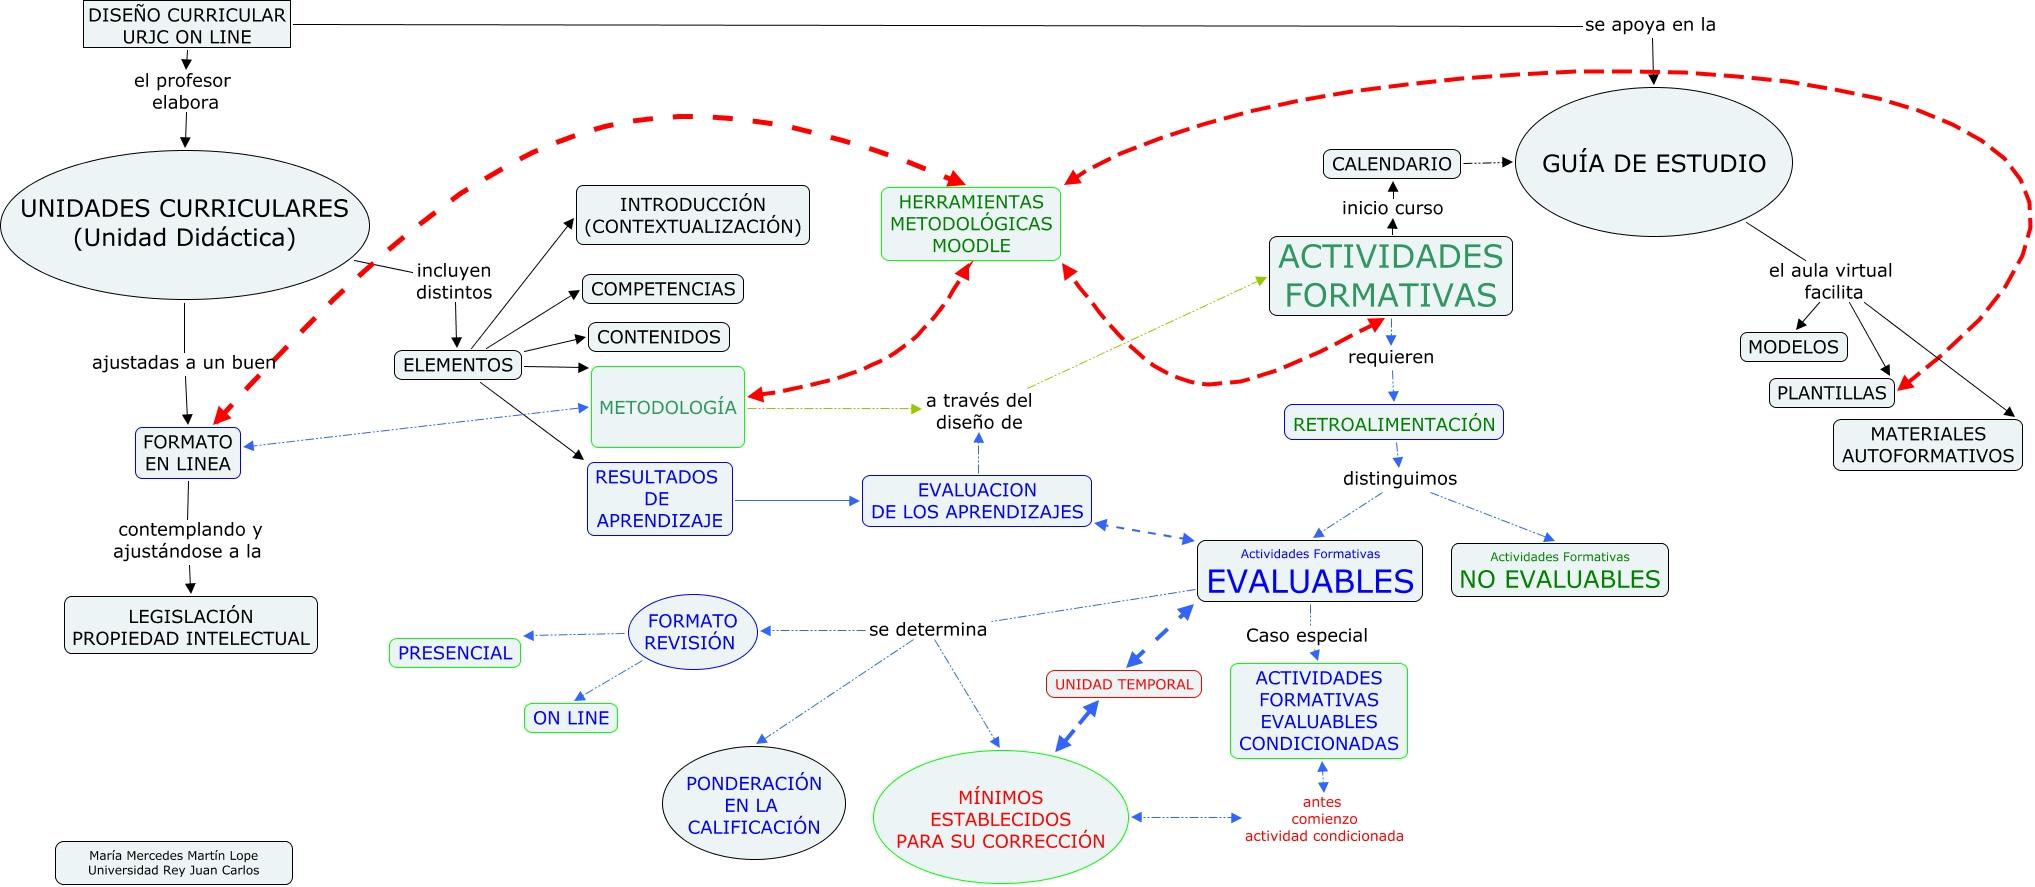 Diseño Curricular URJConline. Fuente: elaboración propia. Si no lees el mapa pulsa aquí.